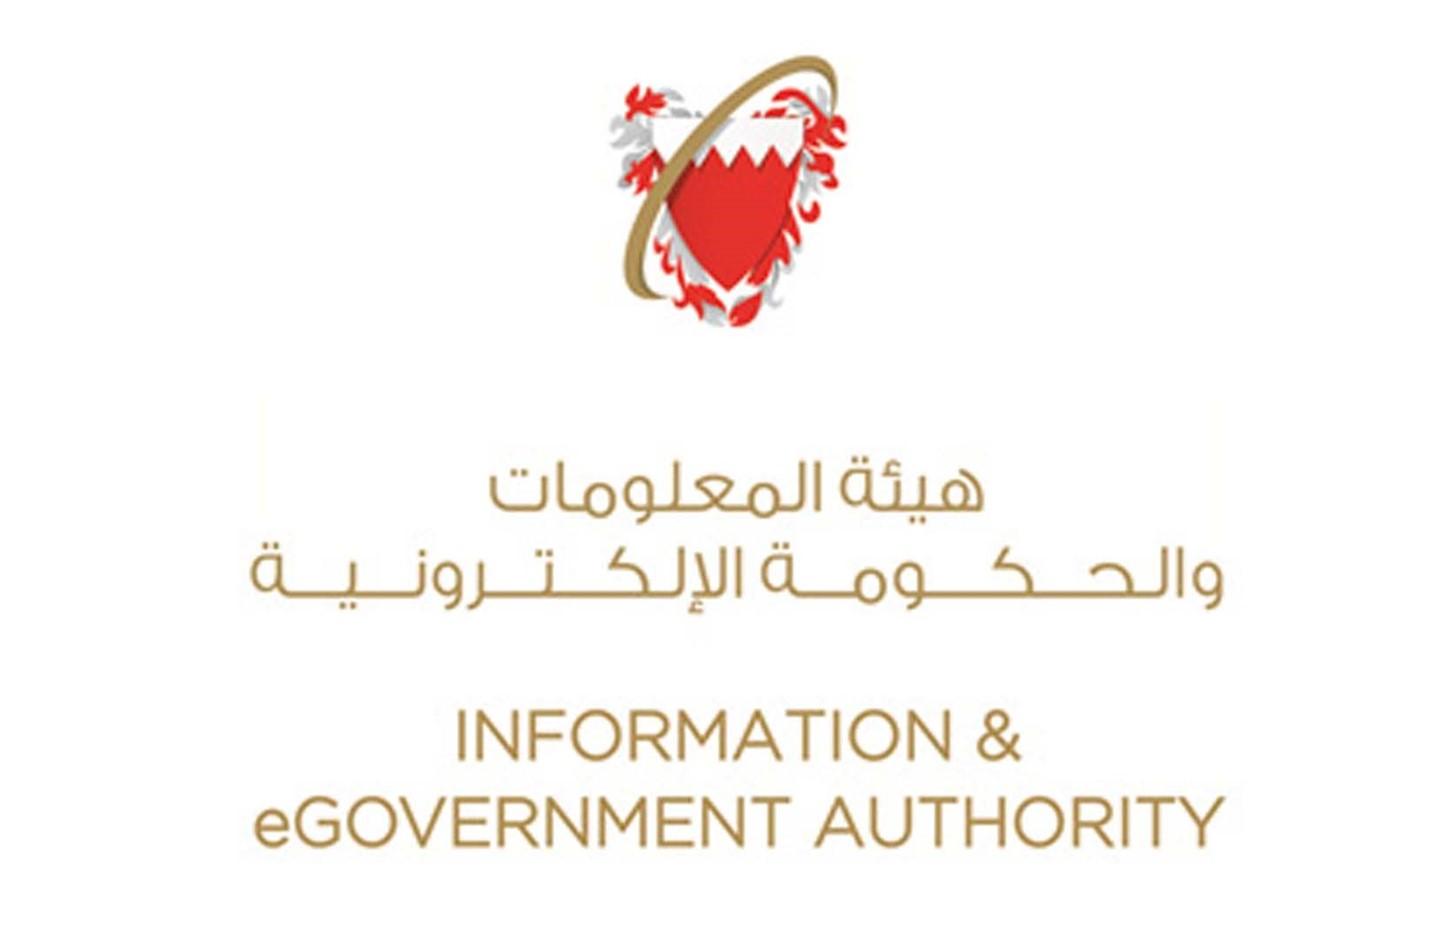 الحكومة الإلكترونية الكهرباء